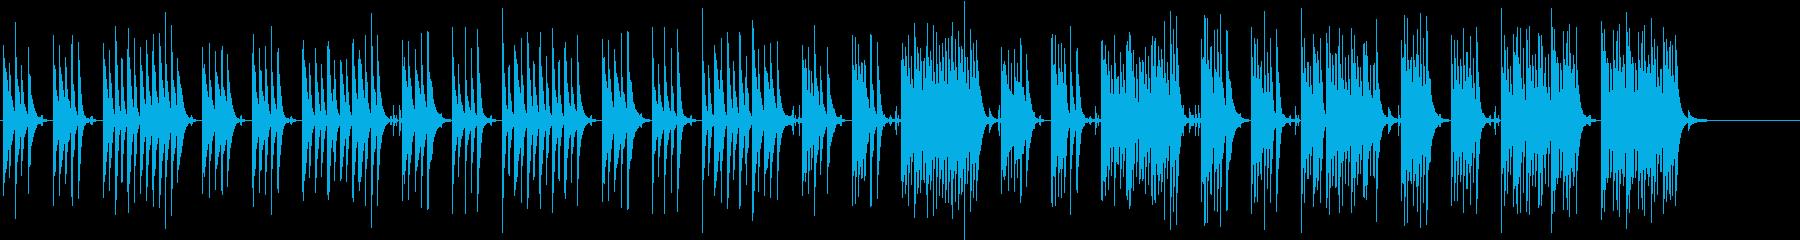 木琴がメインでほのぼのとした曲の再生済みの波形